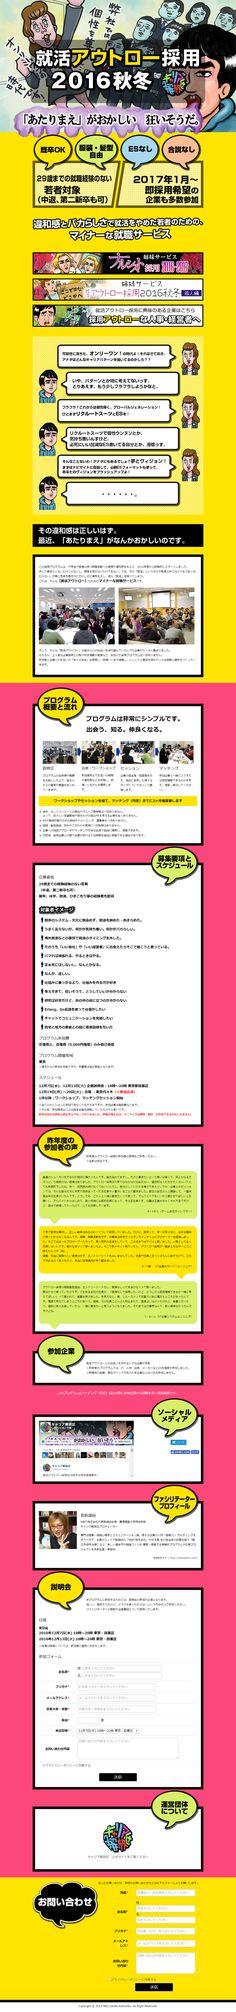 就活アウトロー採用2016秋冬【求人関連関連】のLPデザイン。WEBデザイナーさん必見!ランディングページのデザイン参考に(にぎやか系)